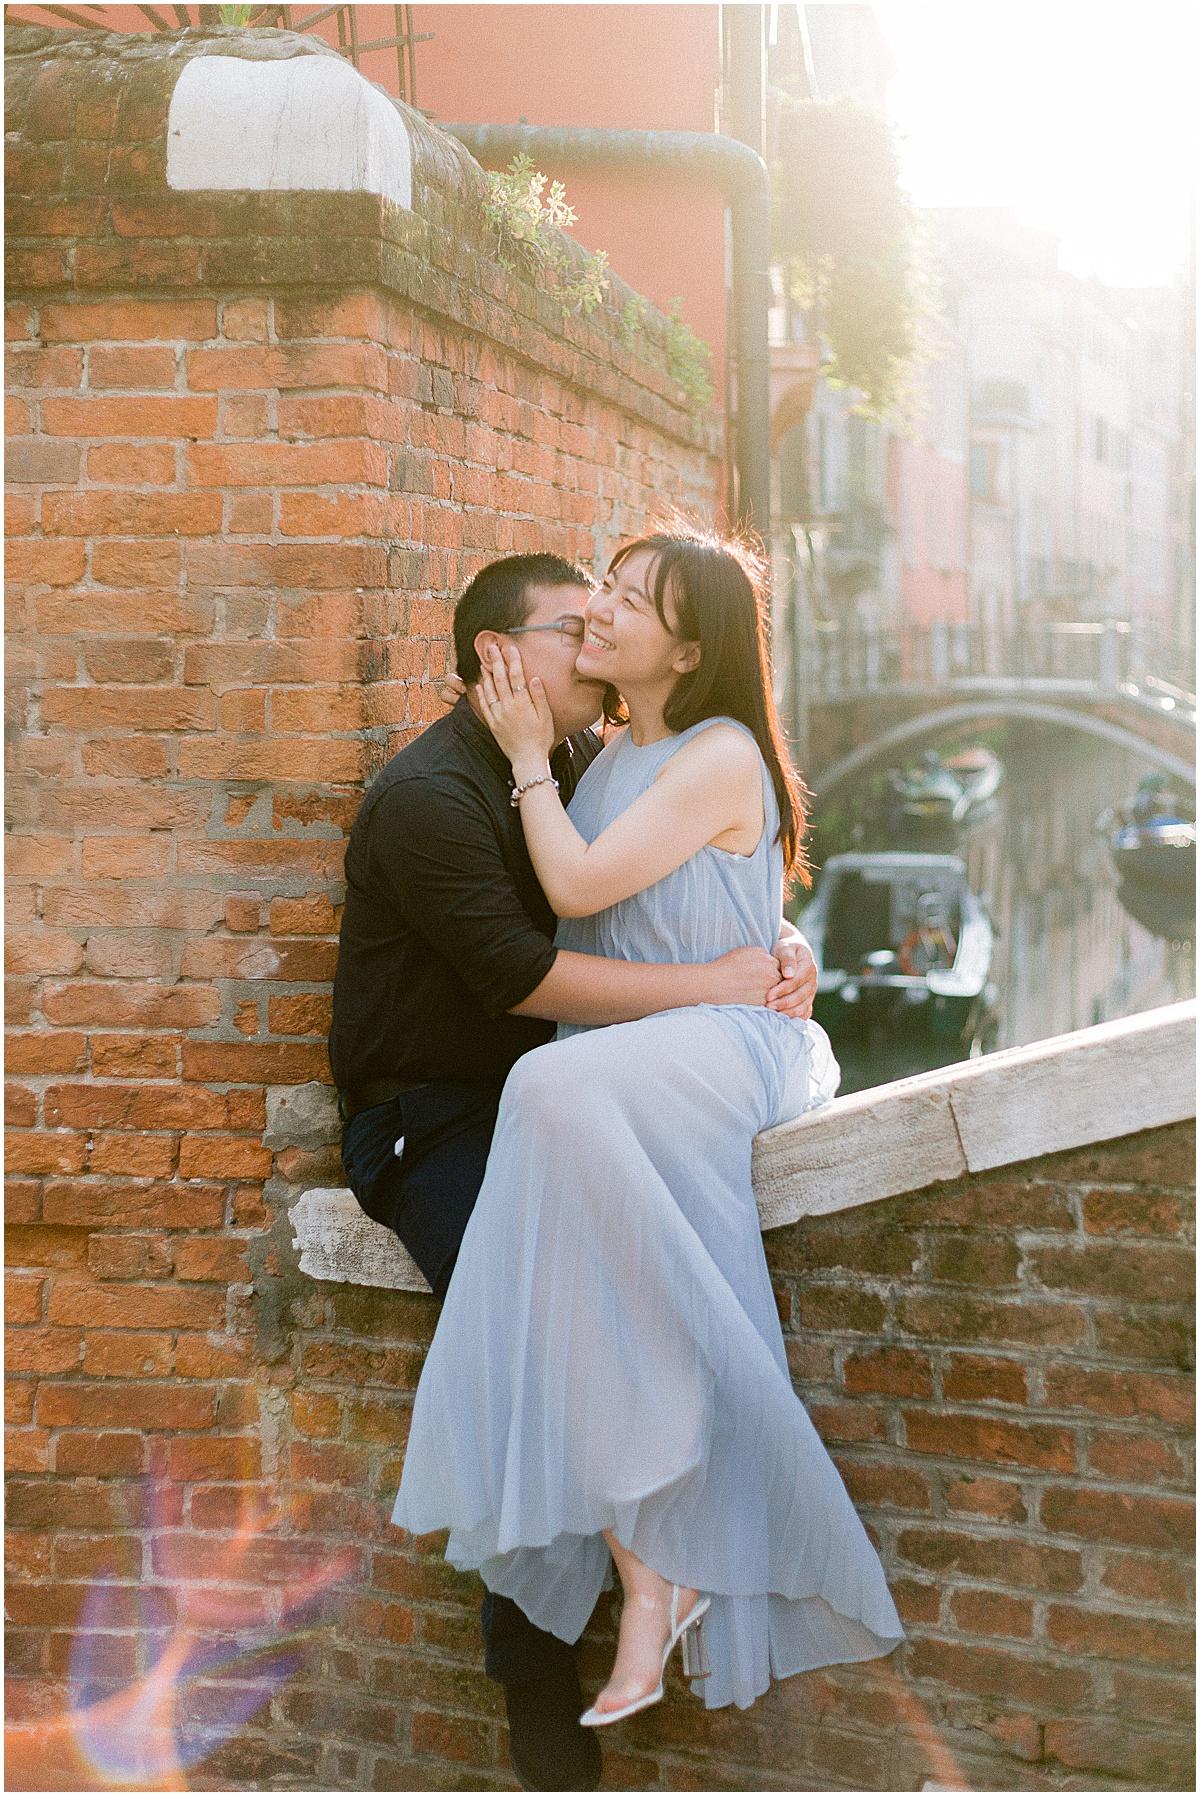 lifestyle-photographer-couple-in-venice-gondola-sunset-stefano-degirmenci_0341.jpg